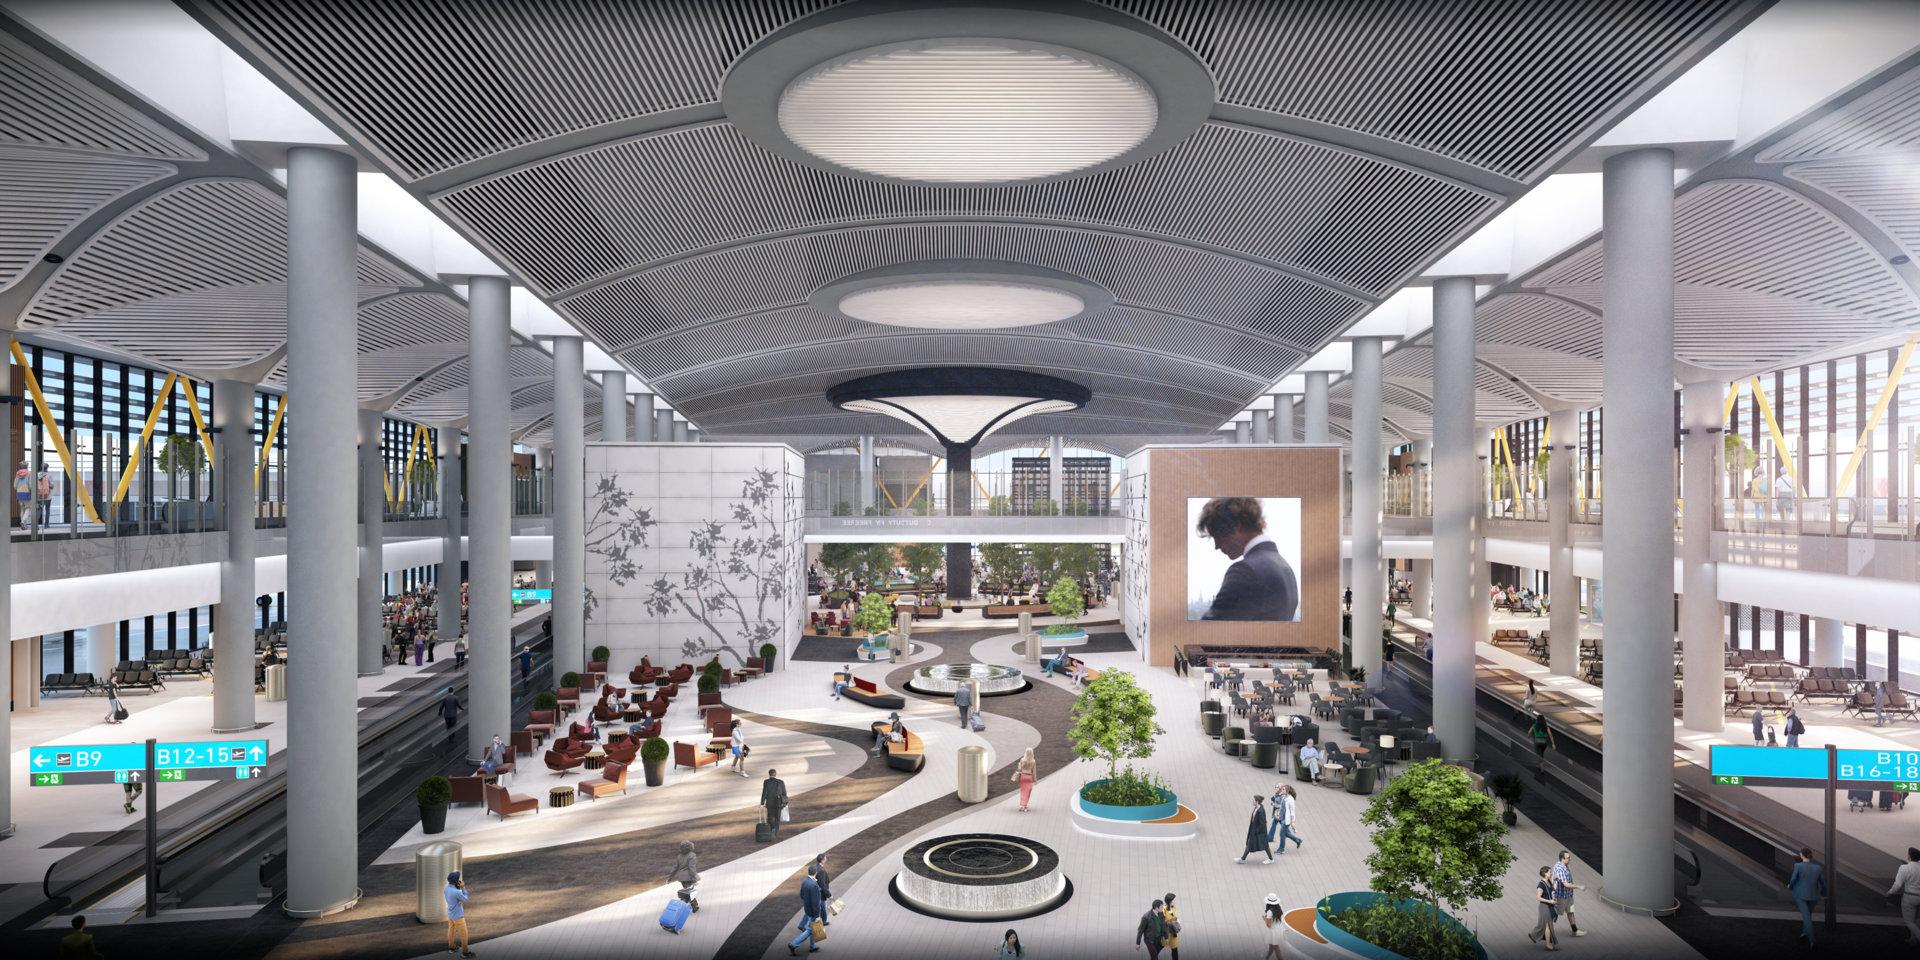 مگا فرودگاه استانبول بزرگترین فرودگاه جهان